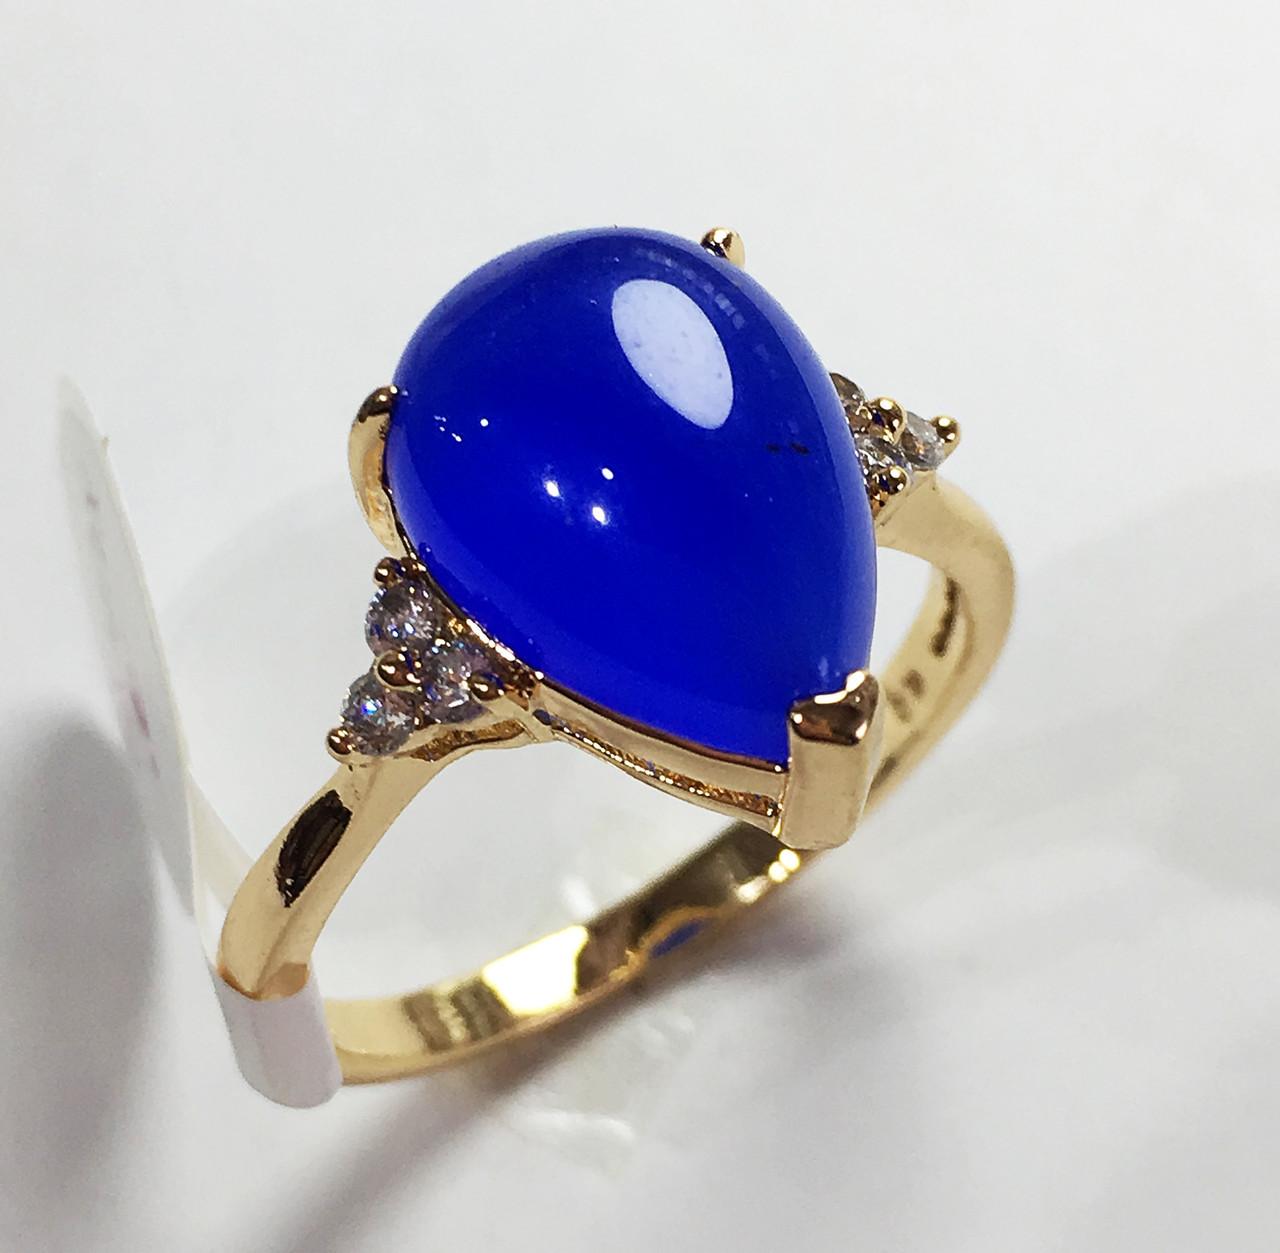 Кольцо Небесное, размер 16, 18  ювелирная бижутерия XP